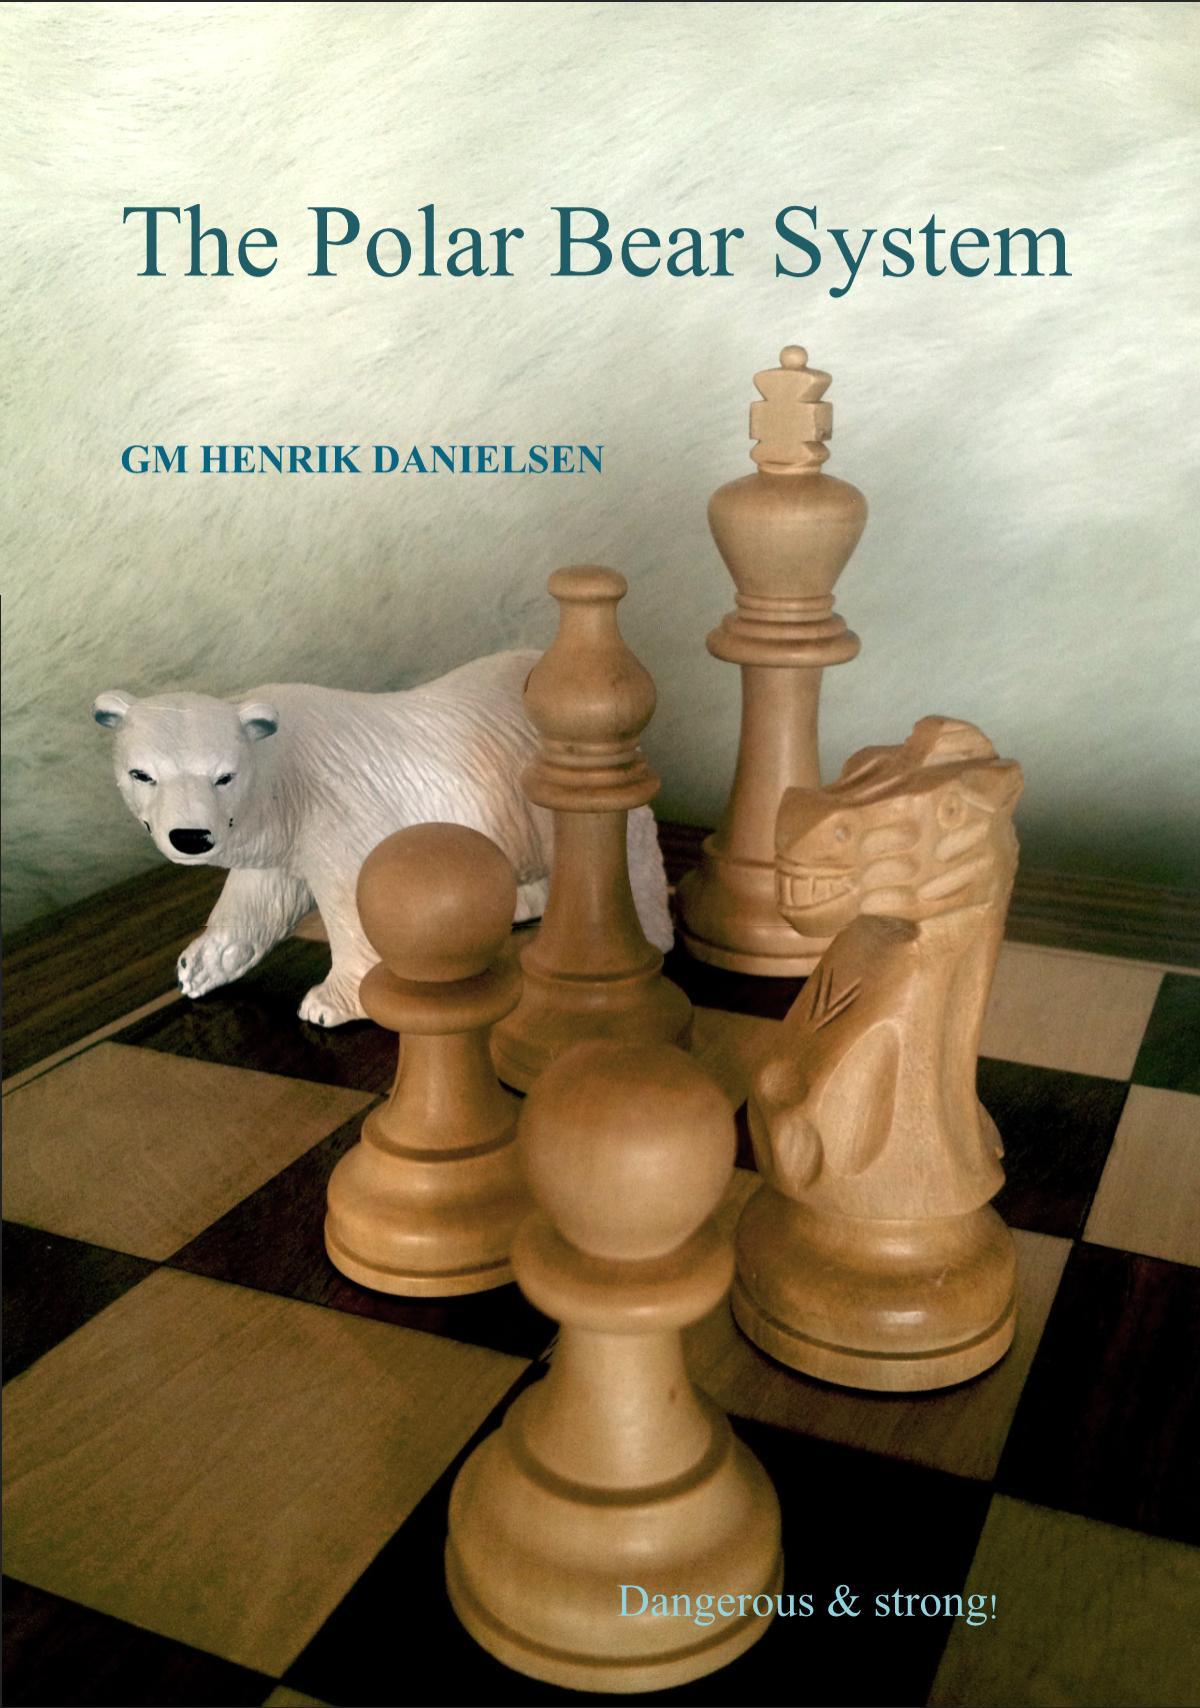 The Polar Bear System